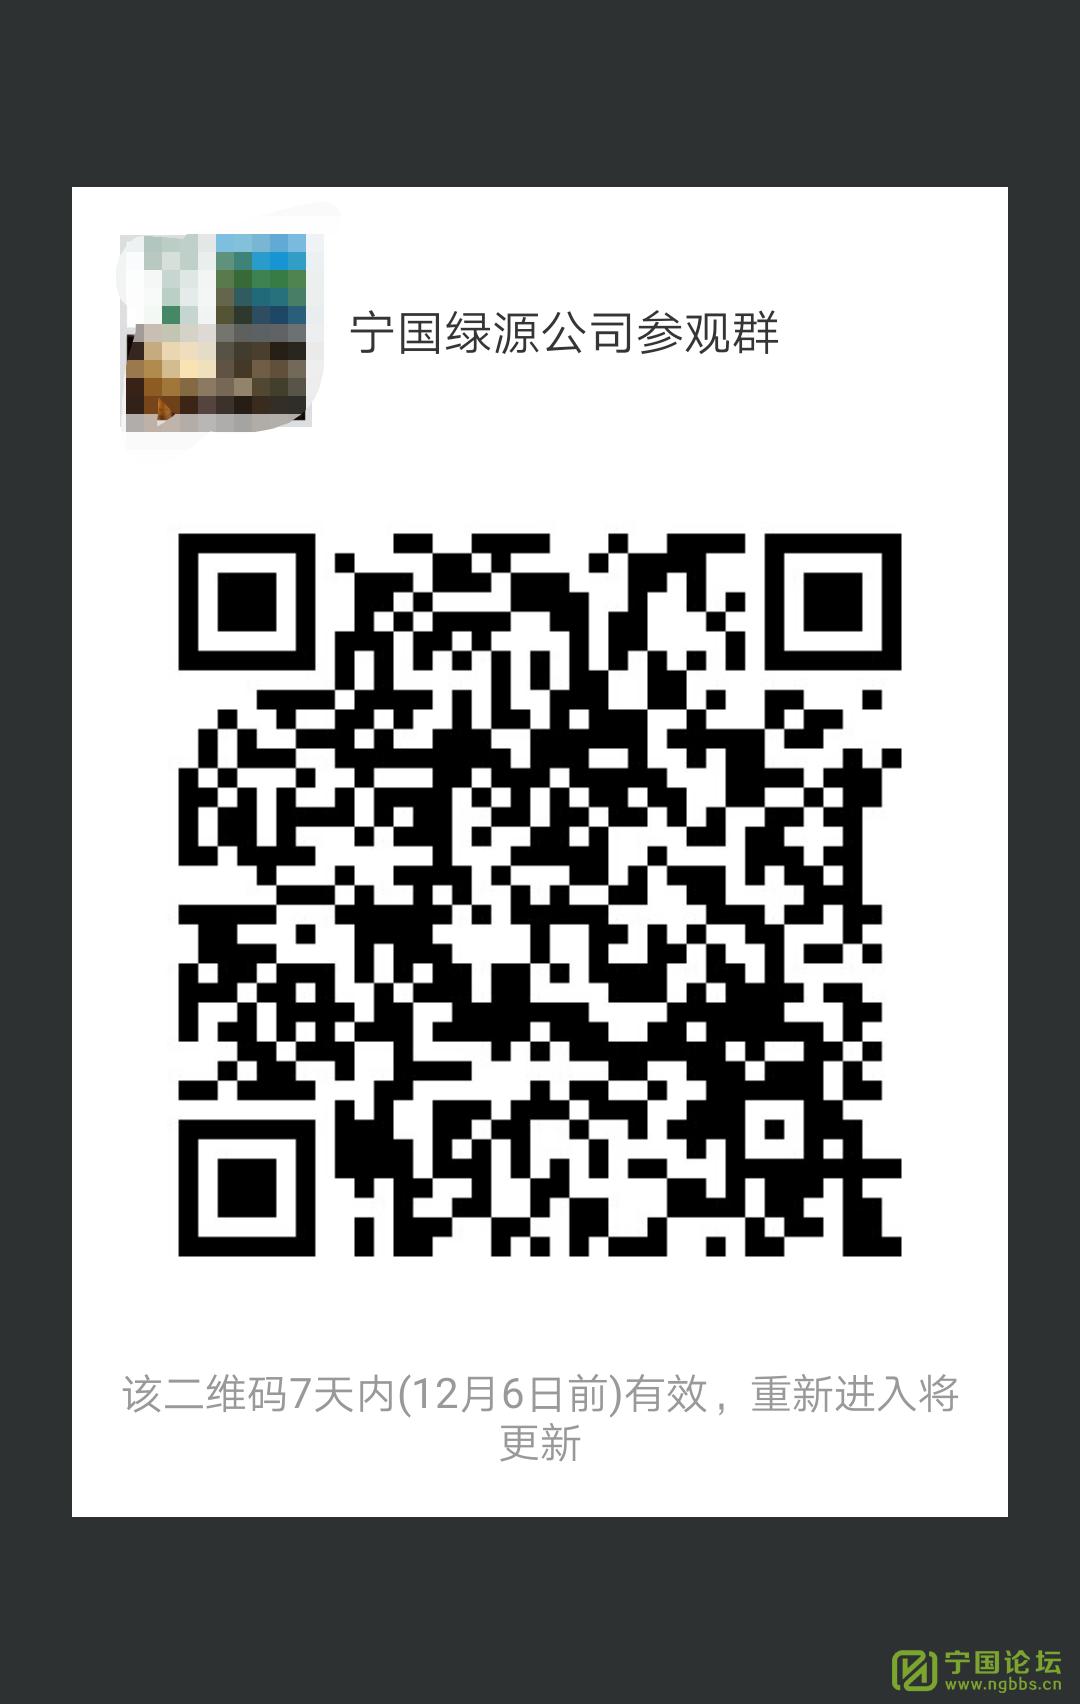 宁国绿源公司邀请函 - 宁国论坛 - 微信图片_20181129103335.png